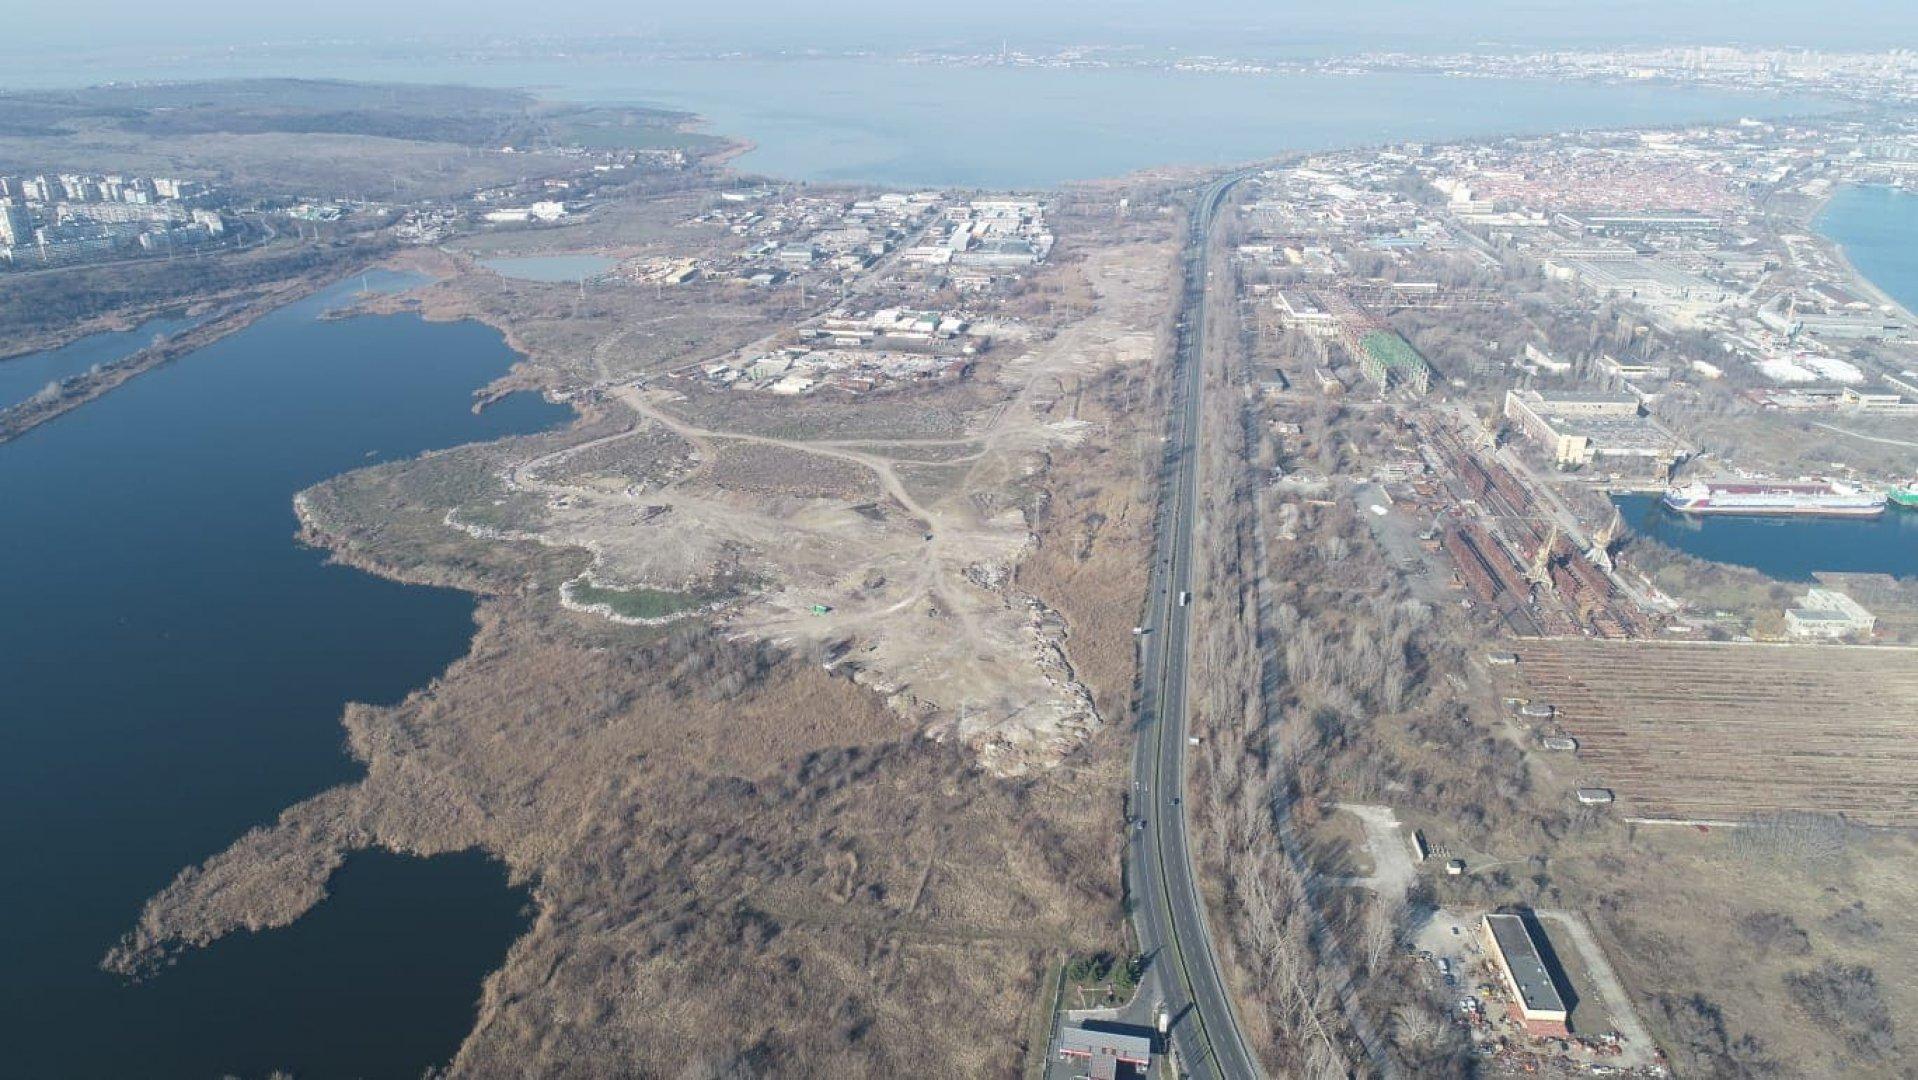 Ето кои са първите три заявени инвестиции във Втората Фаза на Индустриален парк Бургас: